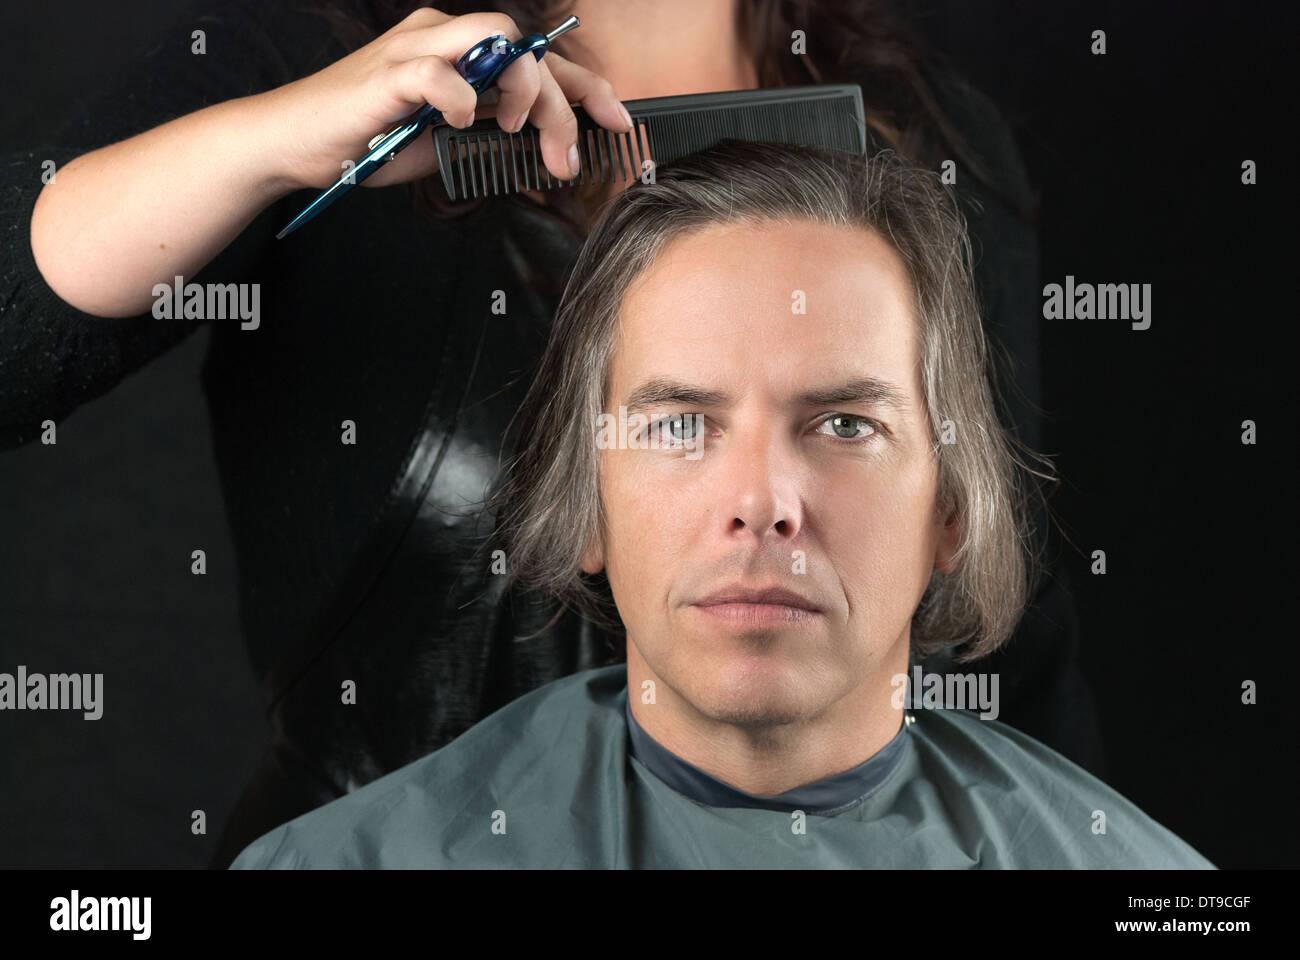 Mann Immer Lange Haare Gekämmt In Vorbereitung Für Schnitt